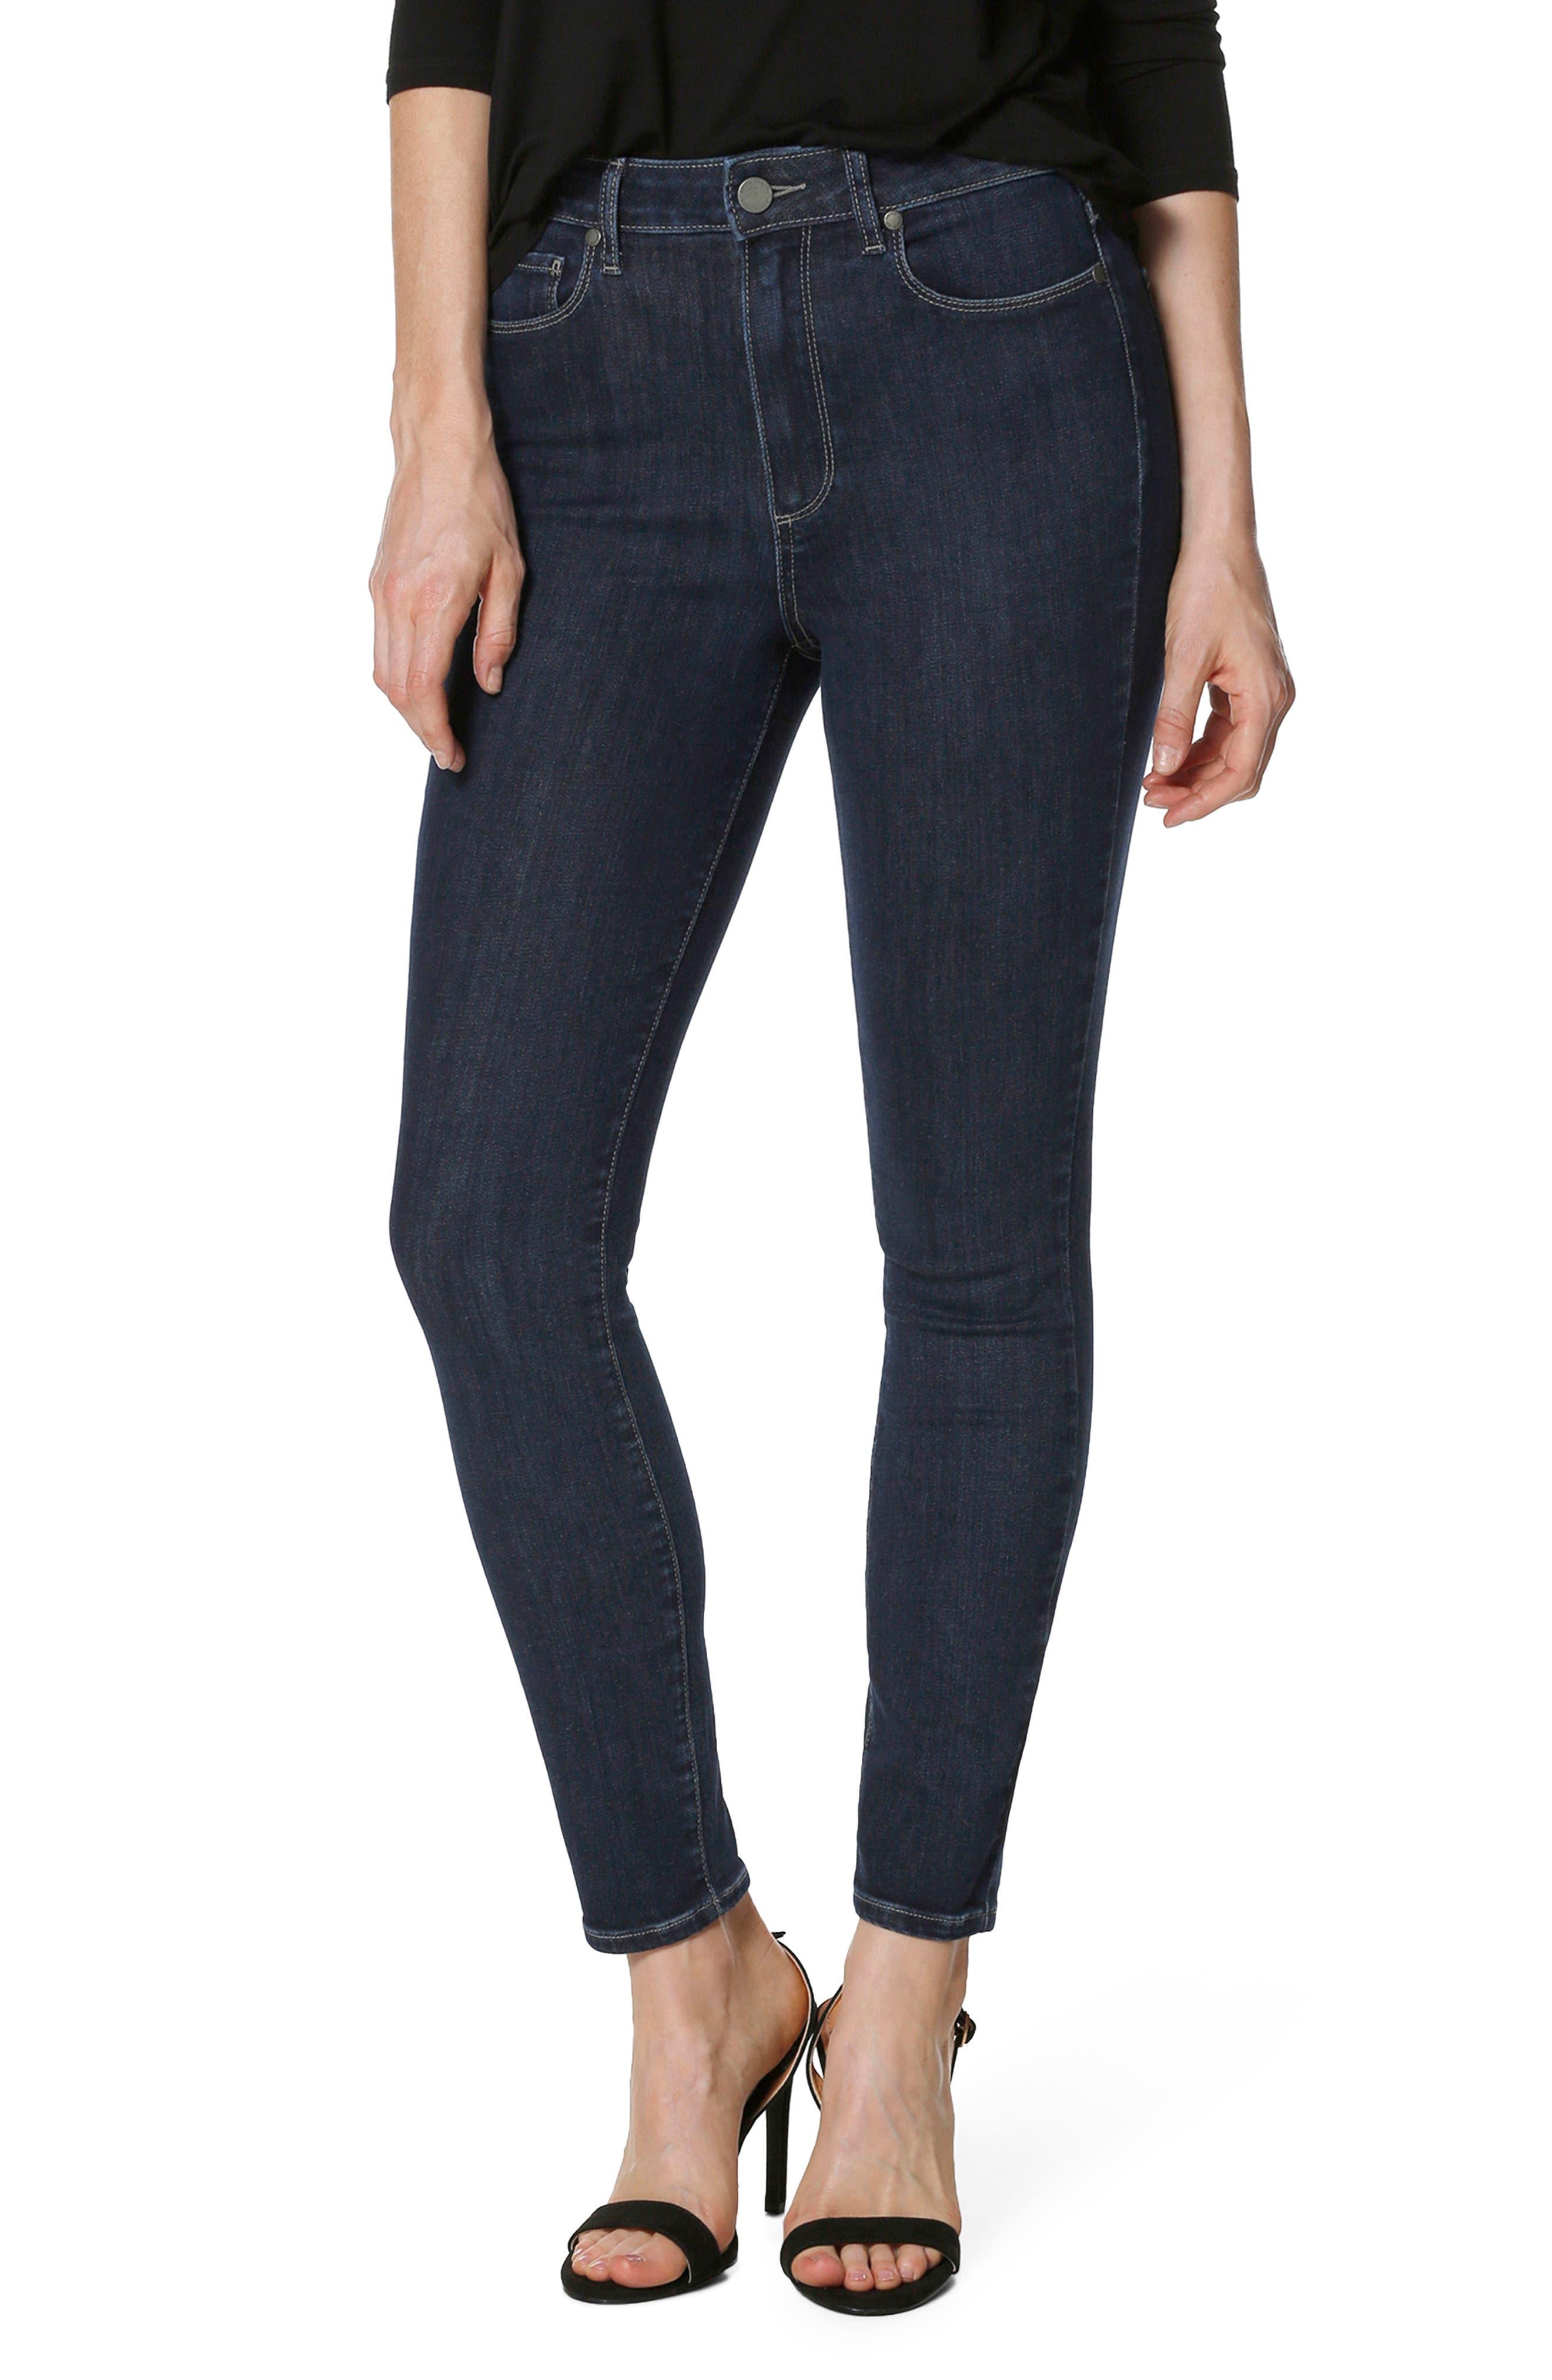 Transcend Vintage - Margot High Waist Ankle Ultra Skinny Jeans,                         Main,                         color,